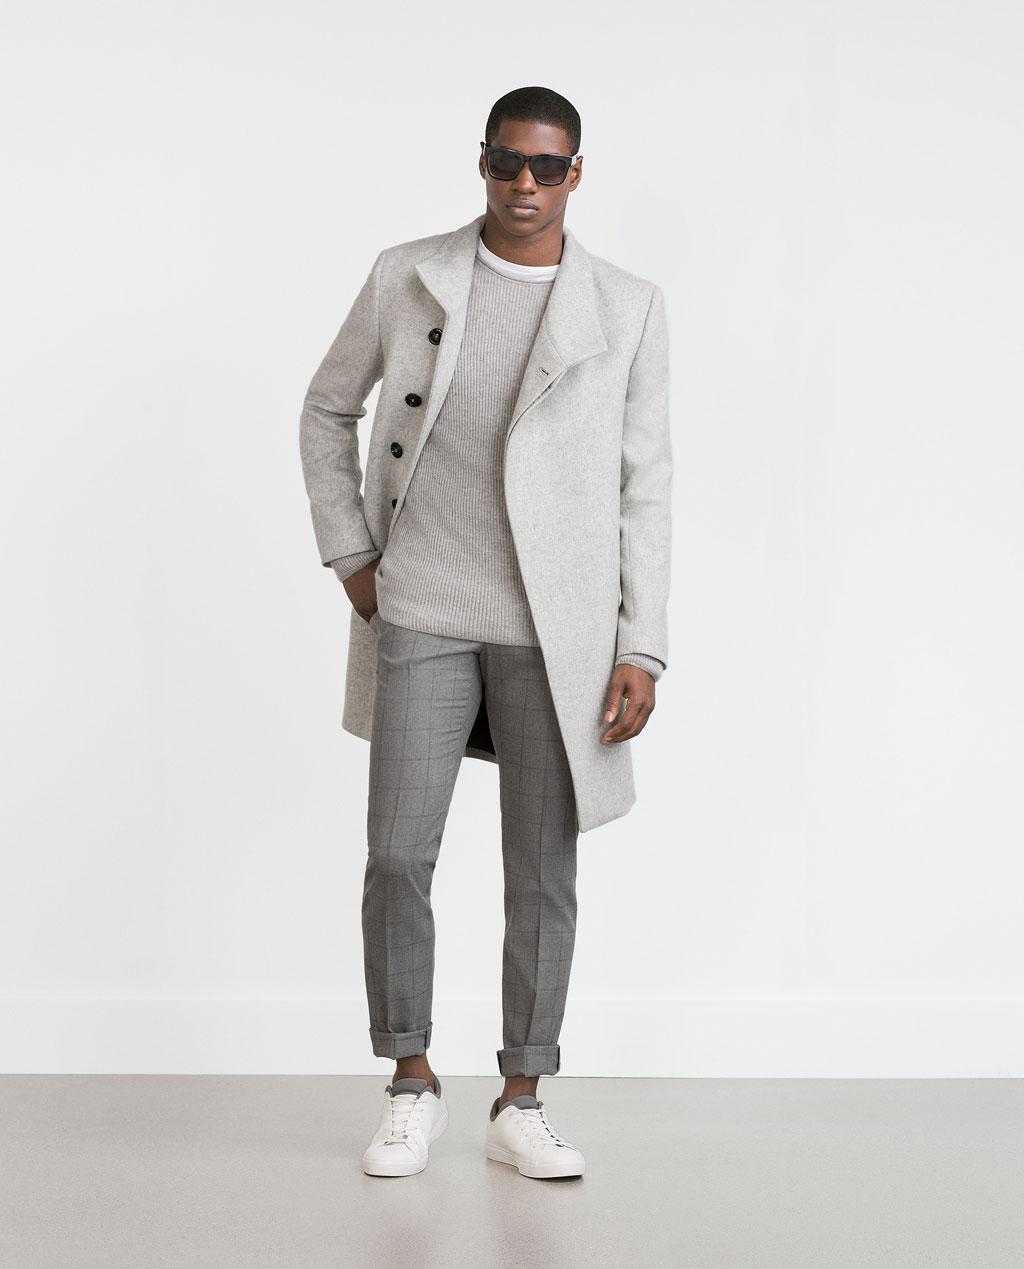 New Arrivals: Zara Fall 2015 Menswear